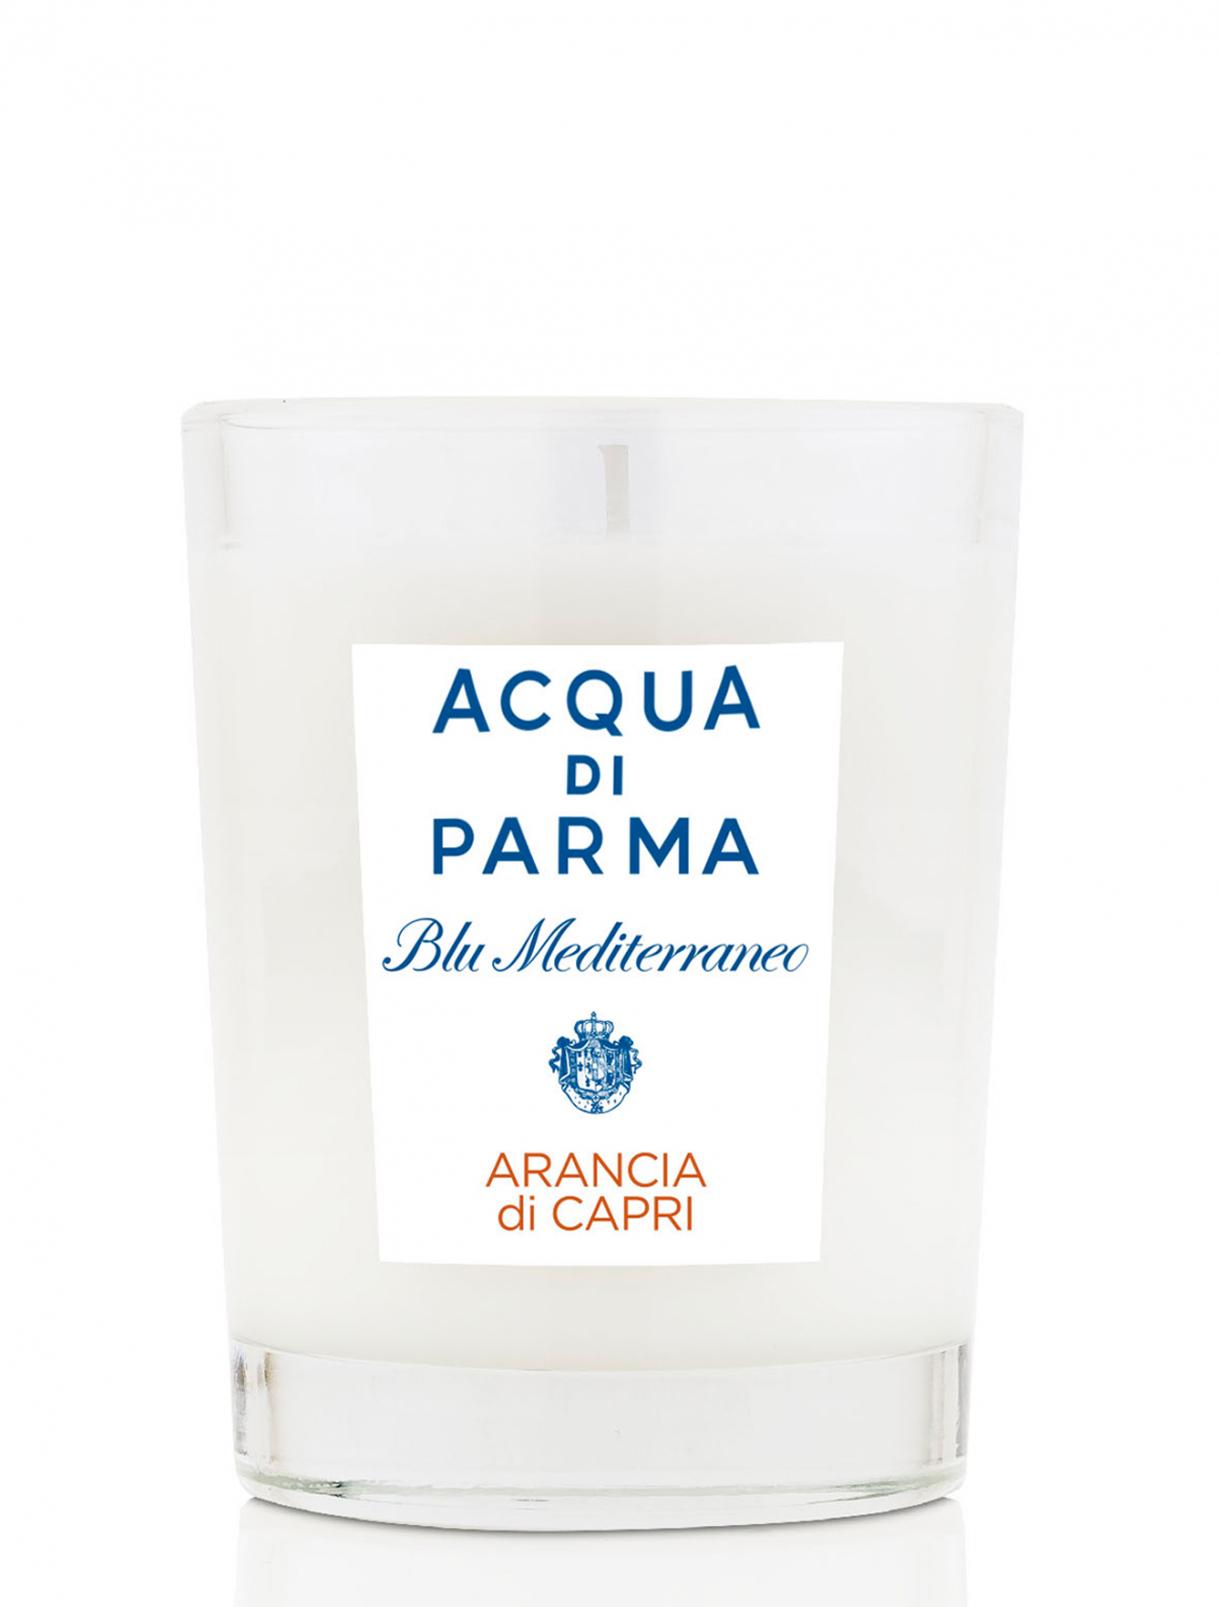 Свеча 200 г ARANCIA DI CAPRI Blu Mediterraneo Acqua di Parma  –  Общий вид